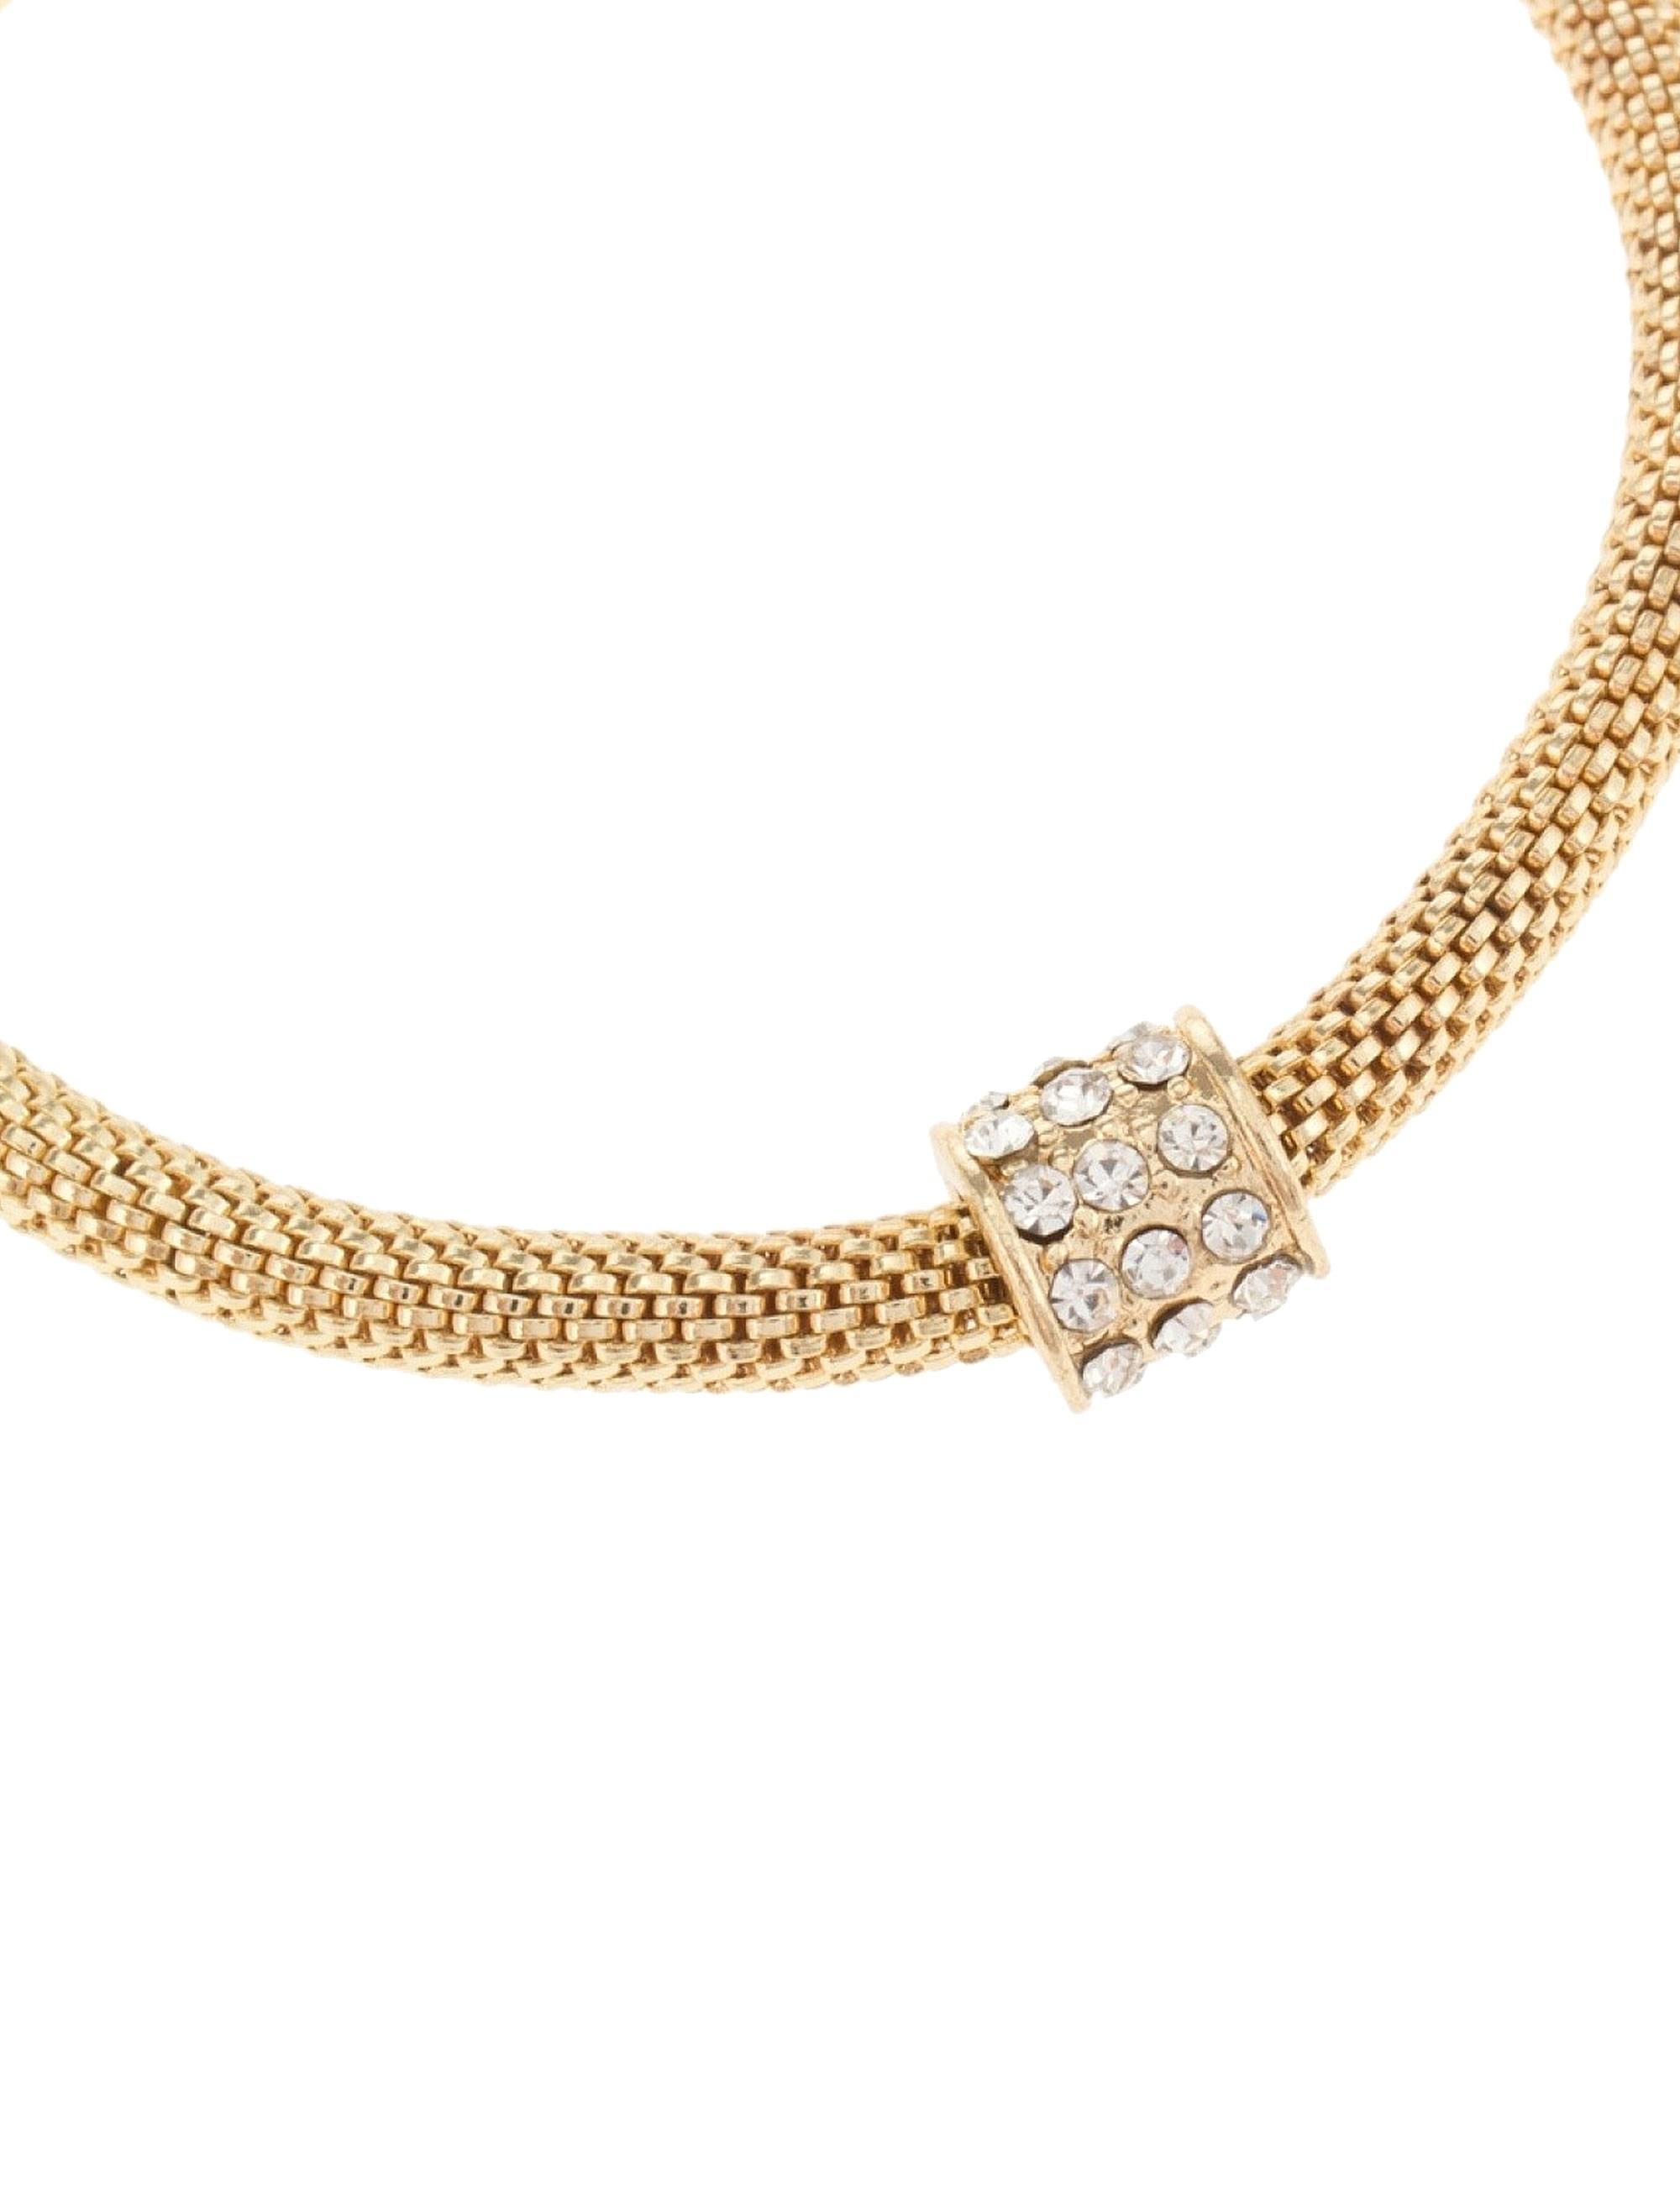 دستبند زنانه - پارفوا - طلايي - 2